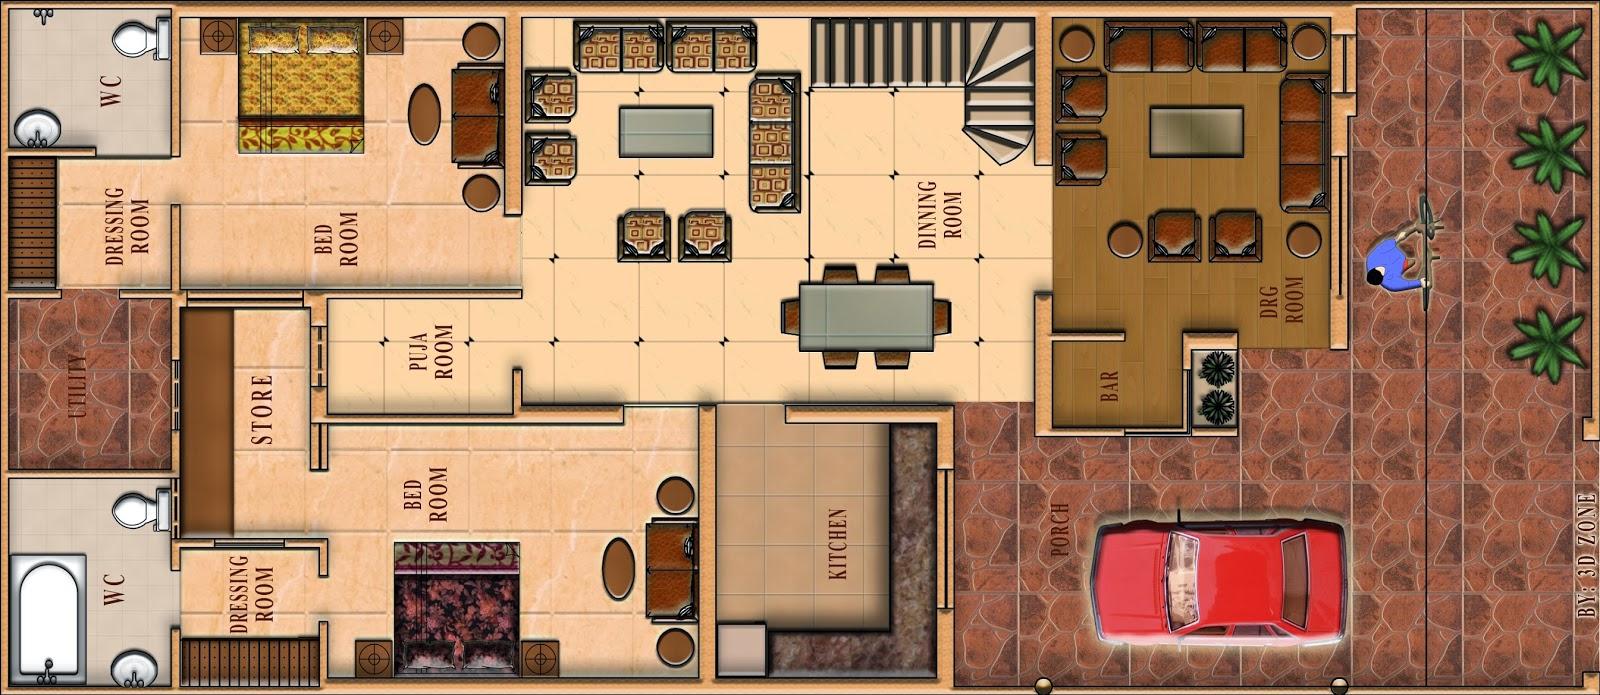 Floor plan design in photoshop for Rendered floor plan